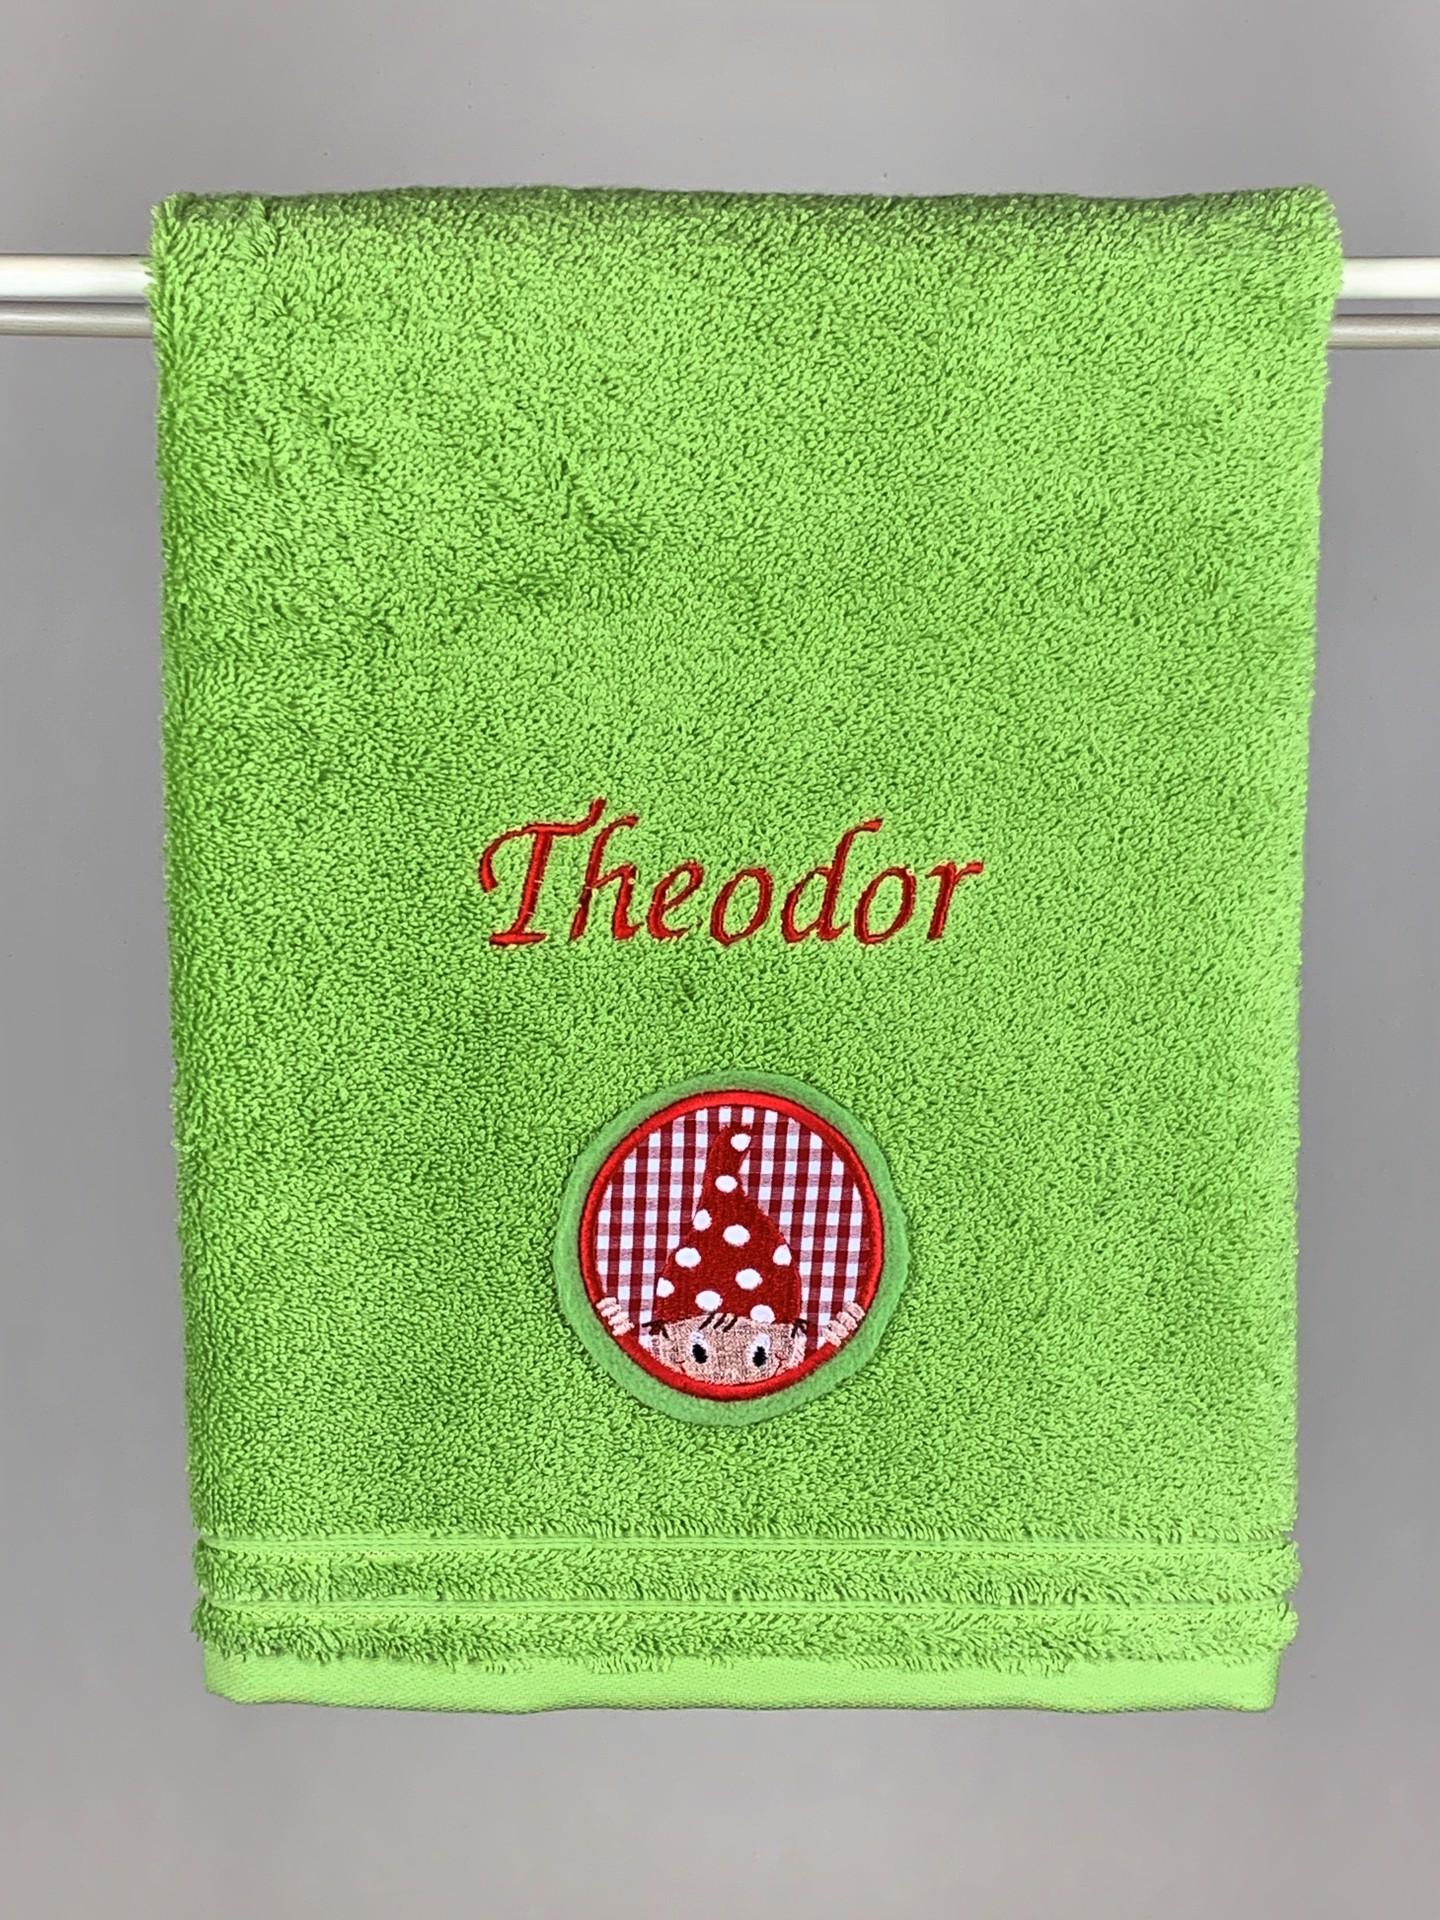 Handtuch No. 07 Wichtel grün